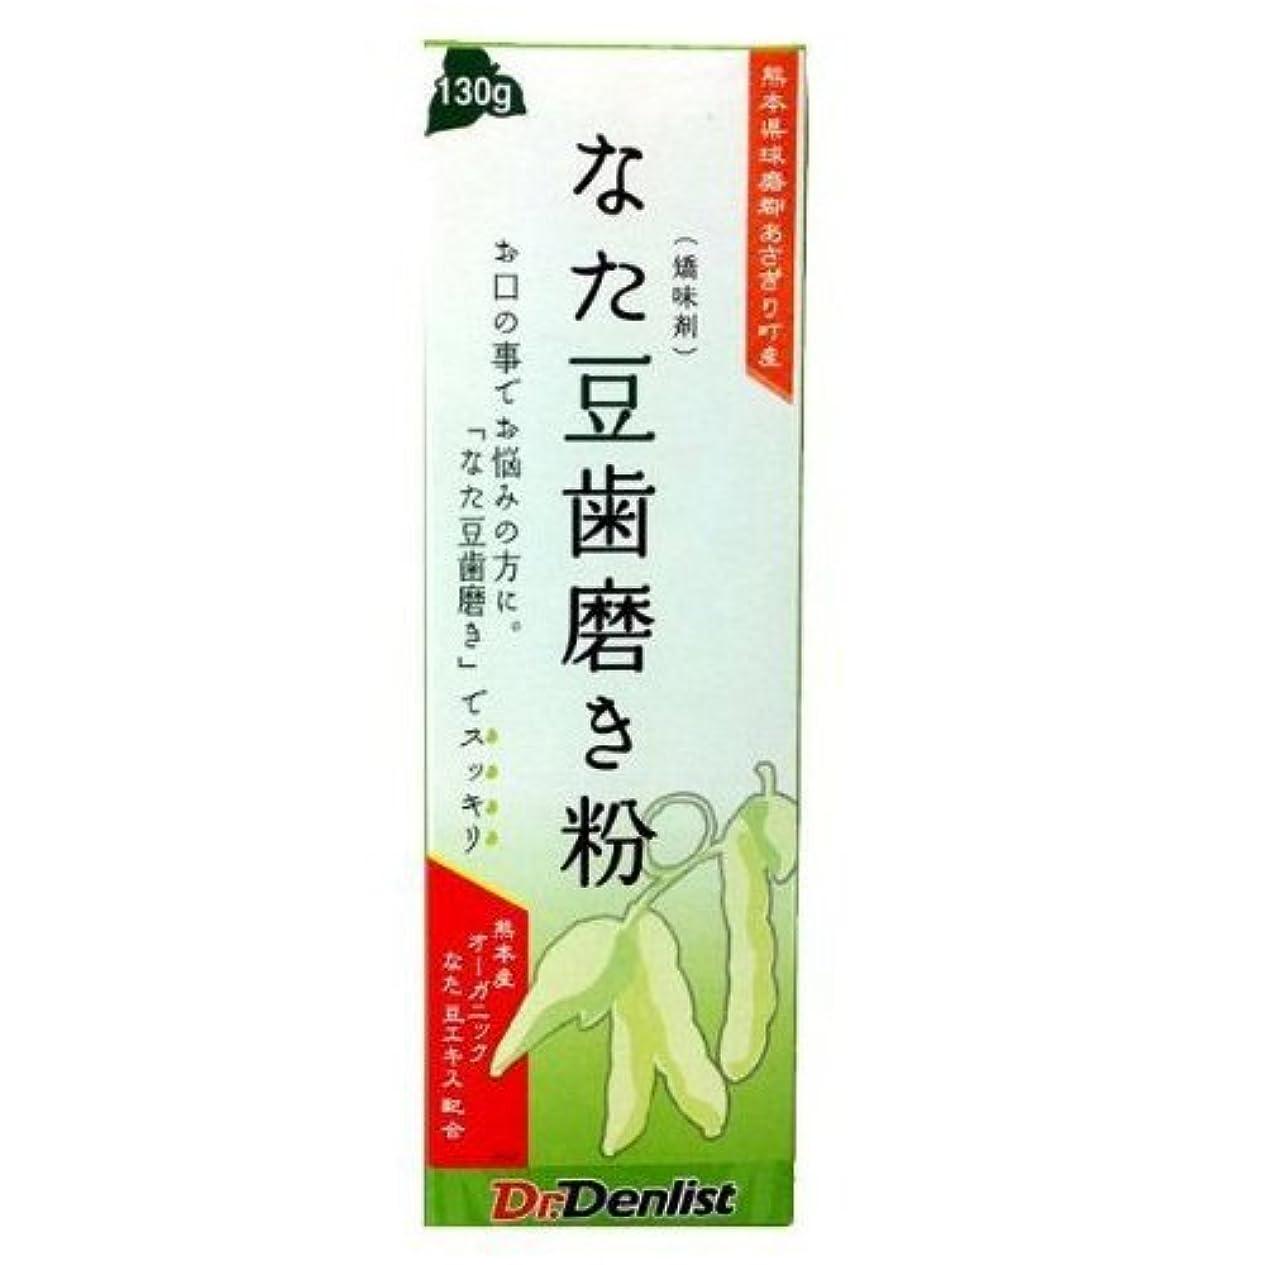 反発する同じ骨なた豆歯磨き粉 国産 130g 熊本県球磨郡あさぎり町産